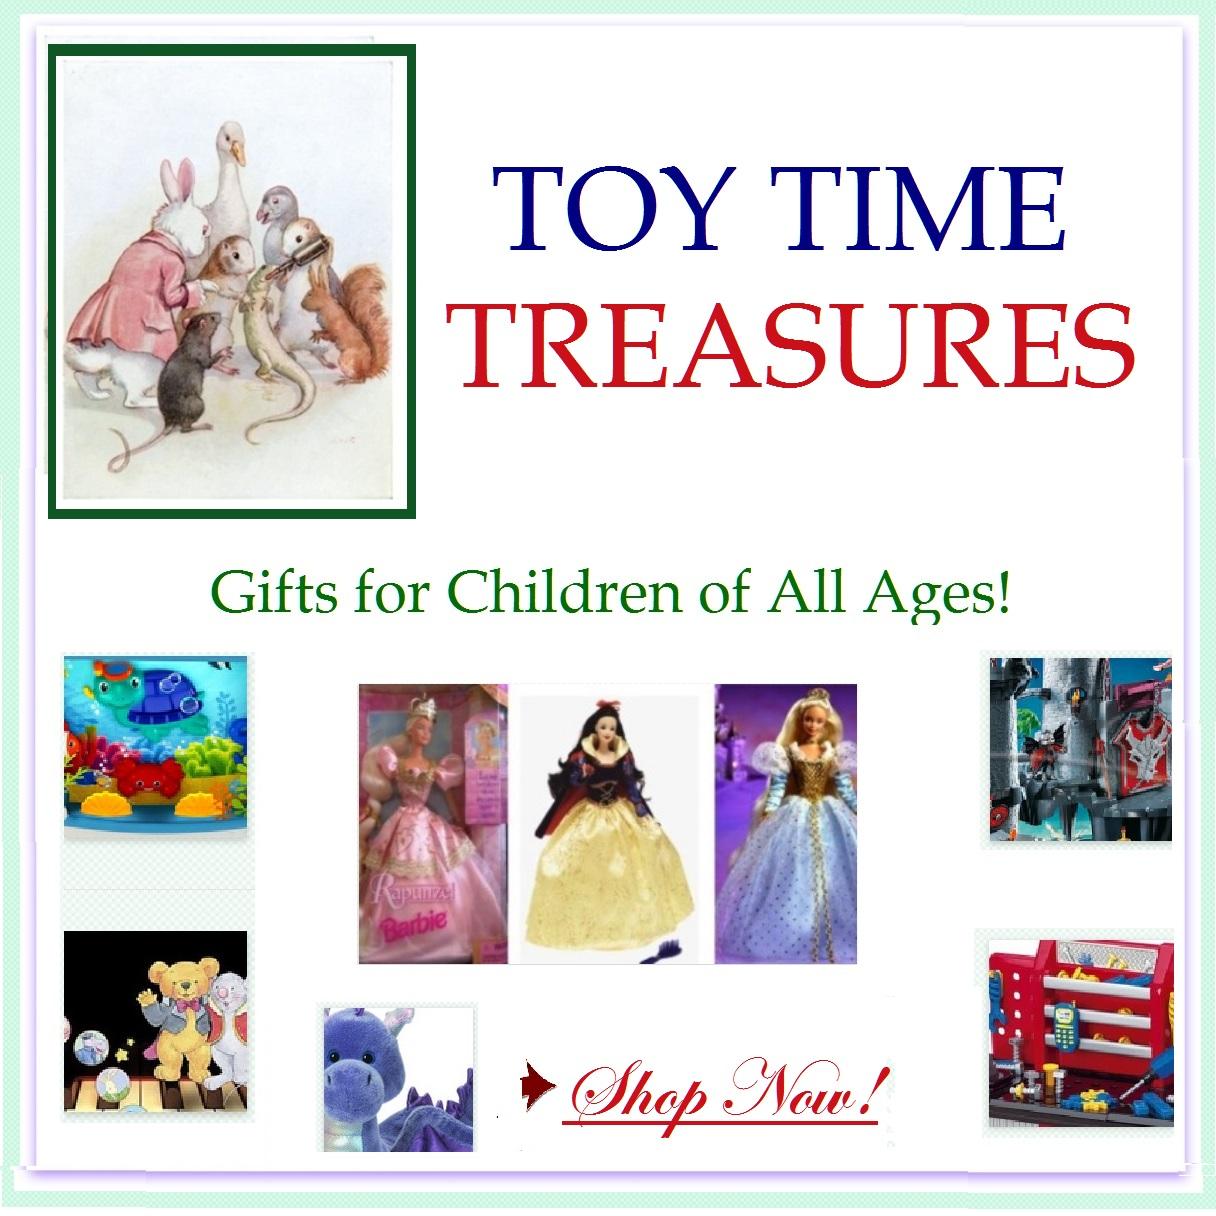 toytimetreasures